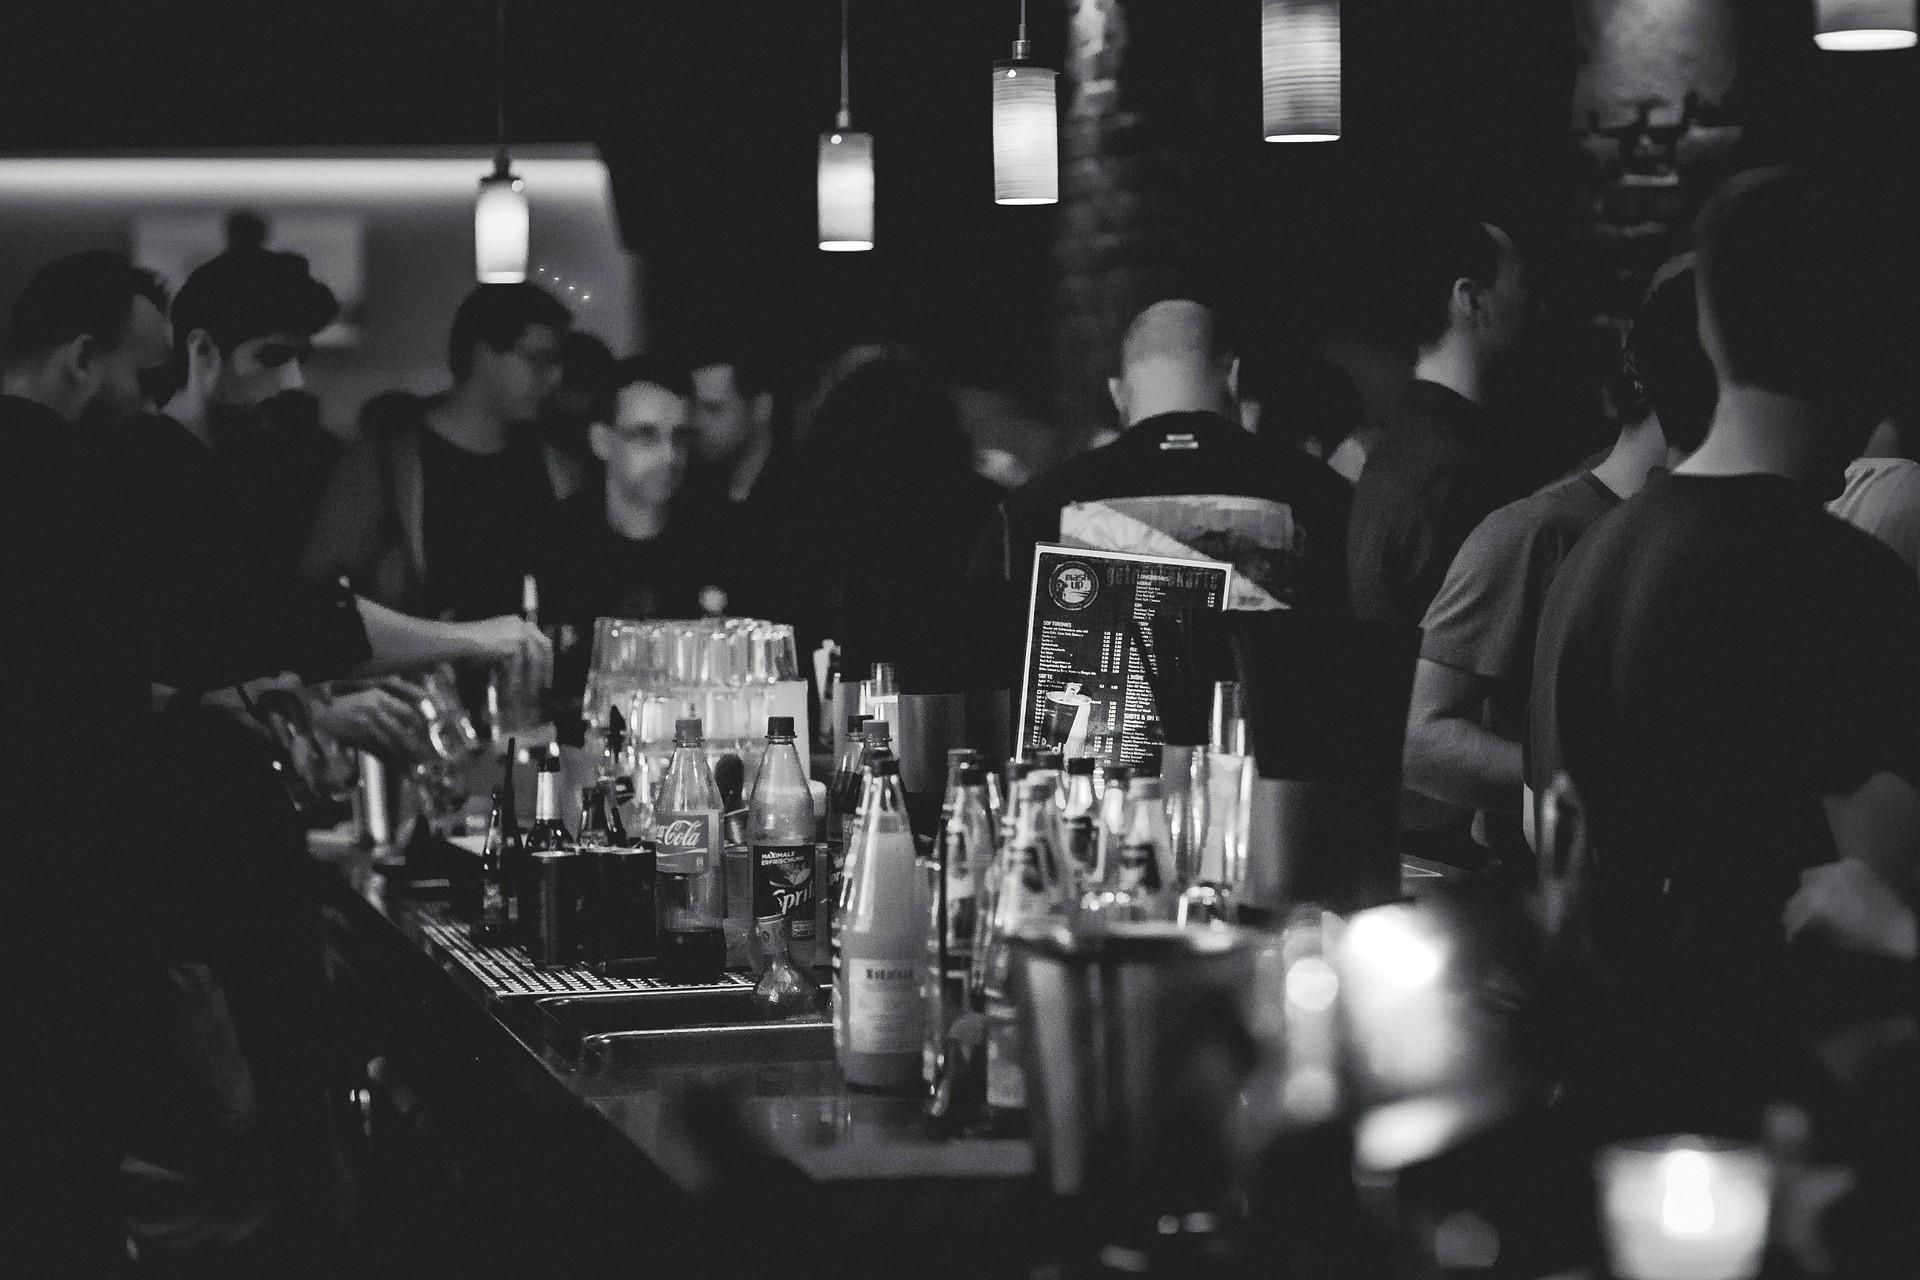 Bir barın iç mekanında çekilmiş fotoğraf.